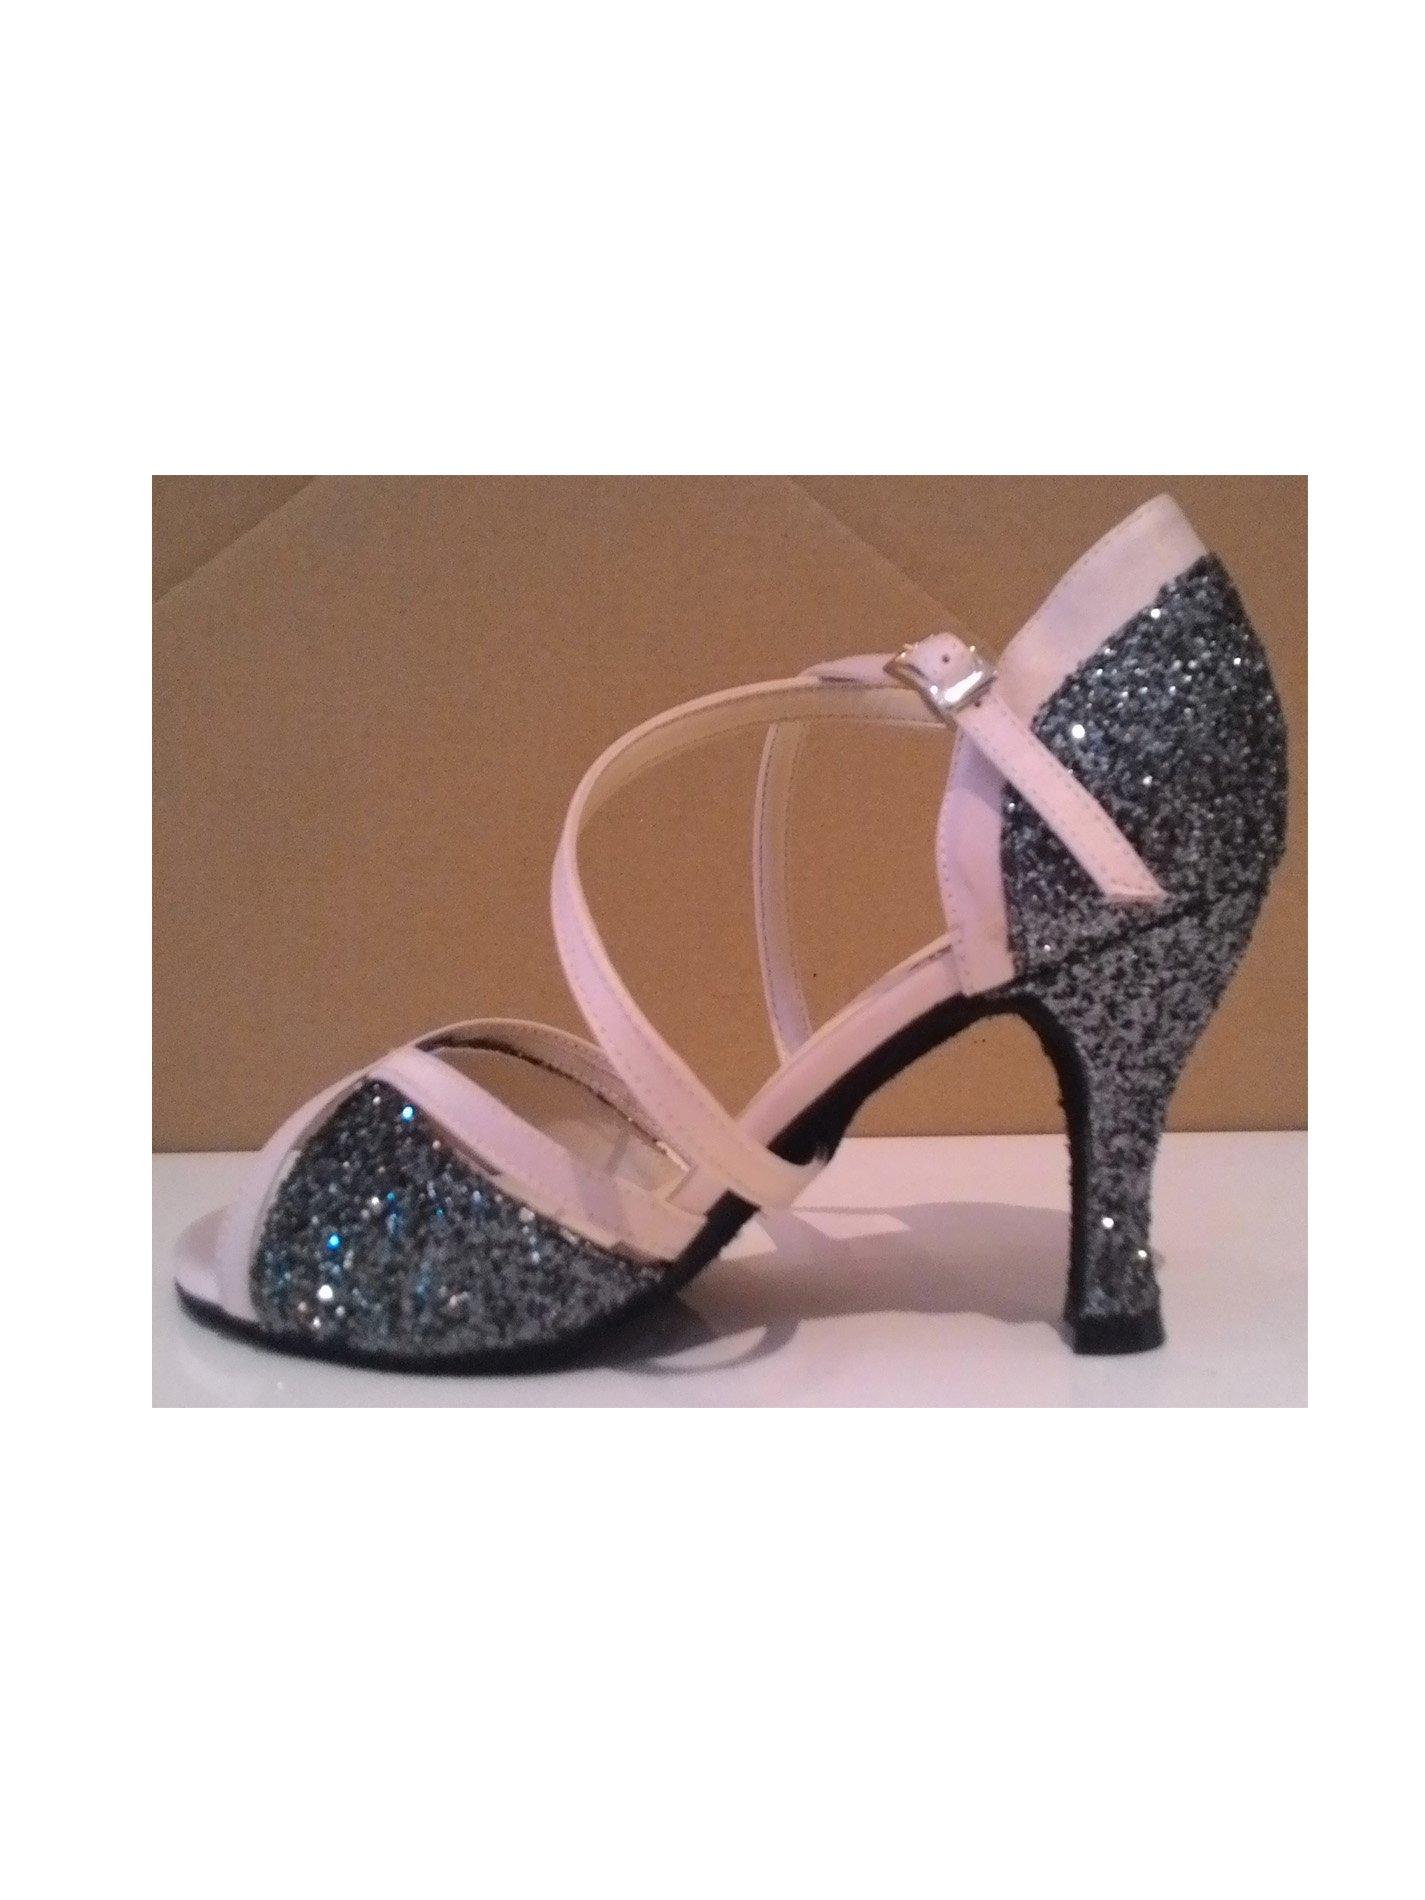 new concept 8b3e1 5a57c Occasioni scarpe Donna Archivi - BALLIAMO STORE